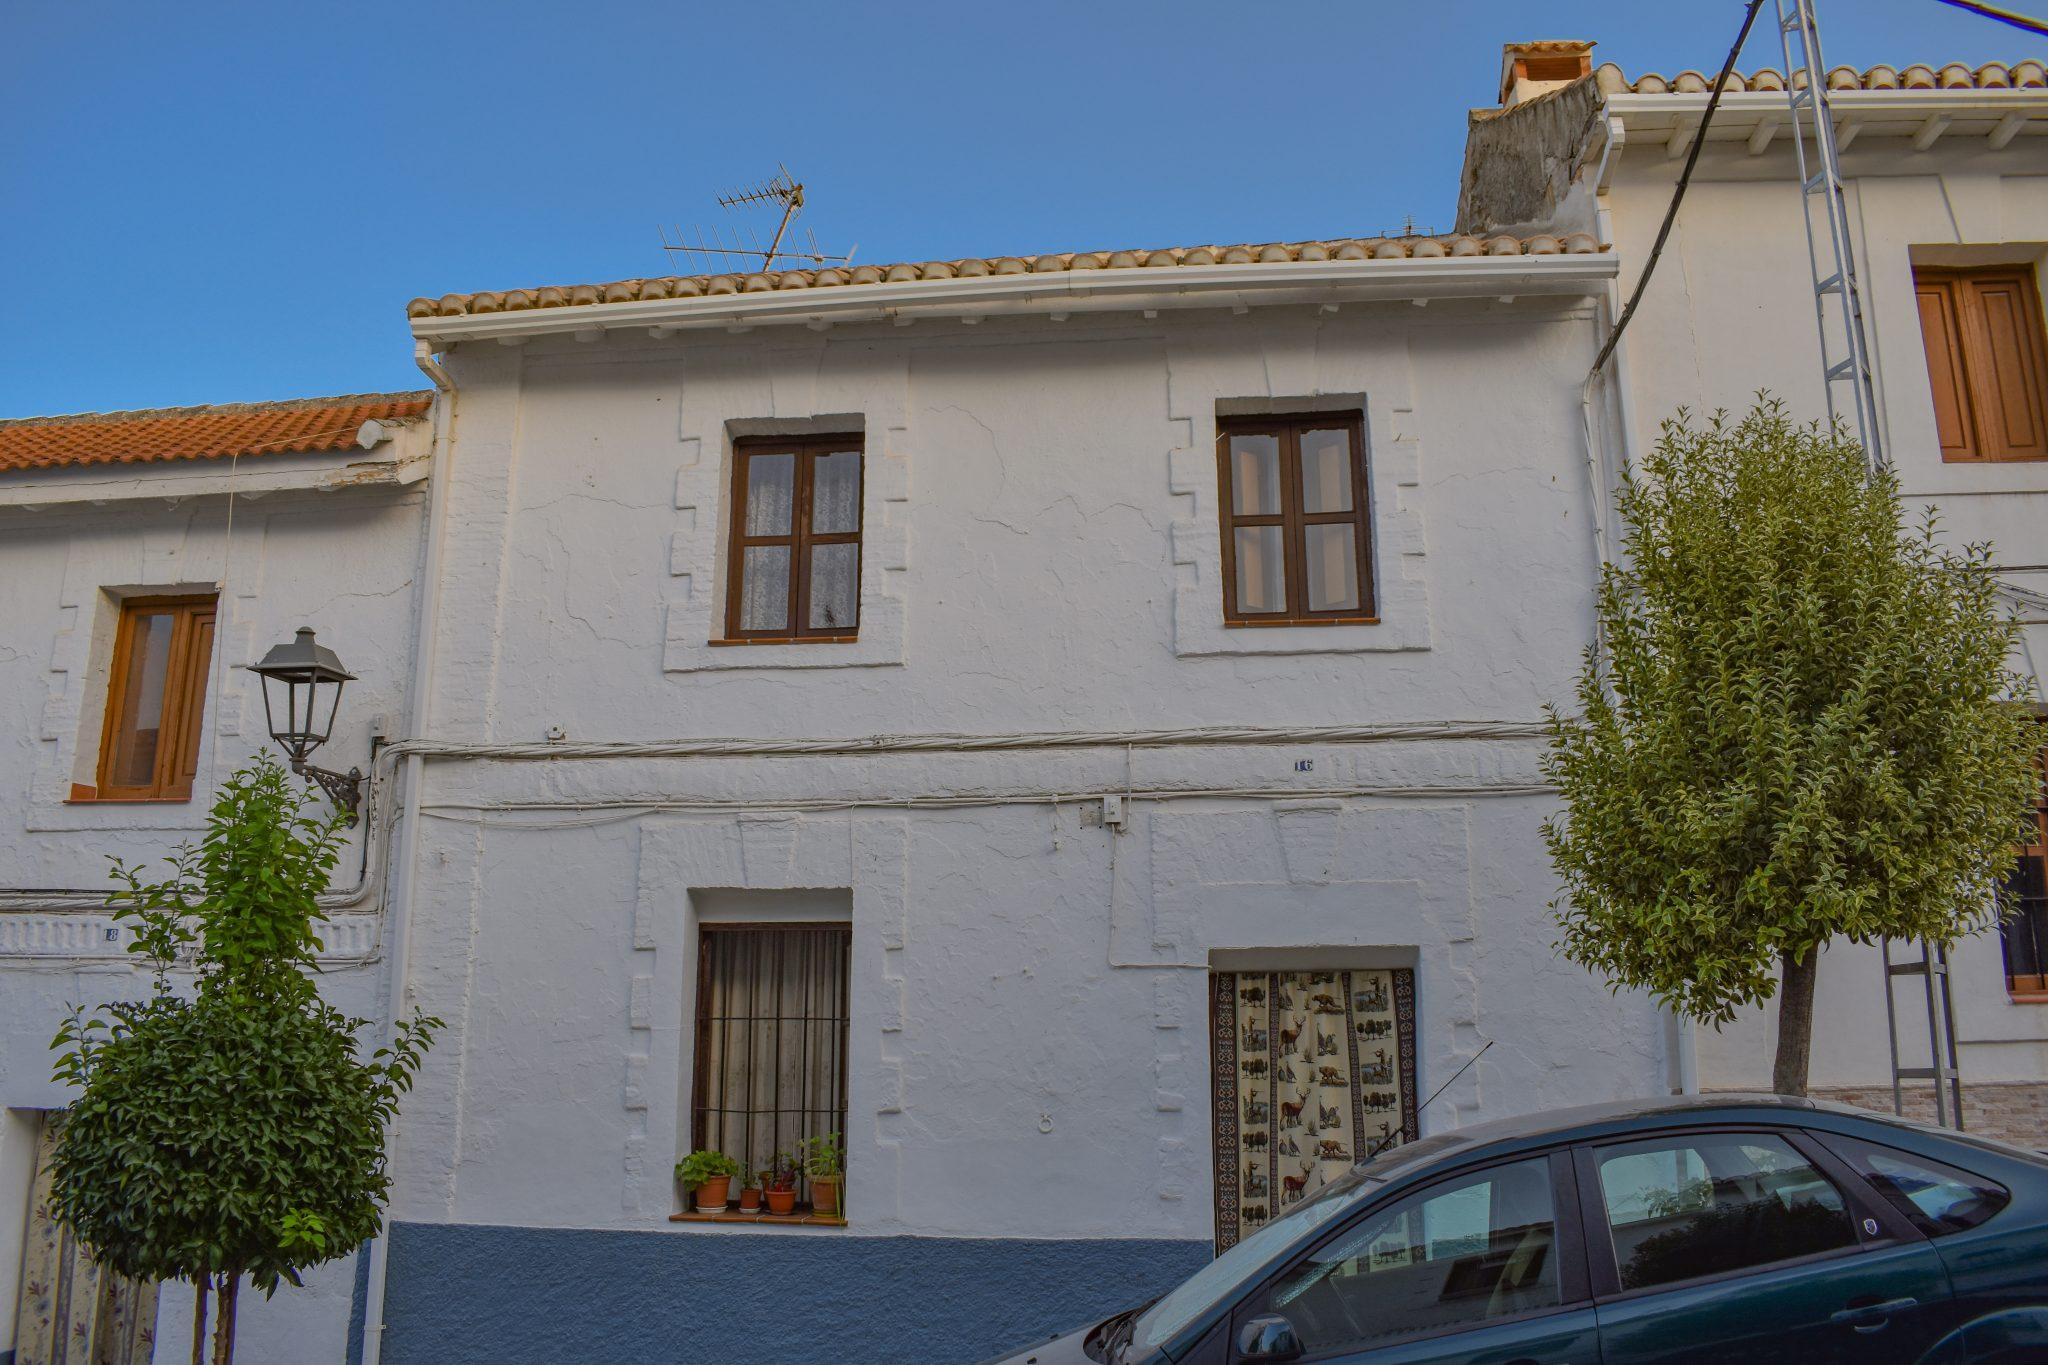 Pantano de los Bermejales, Granada estate agency, Arenas del rey, Alhama de Granada, real estate, Granada, properties for sale